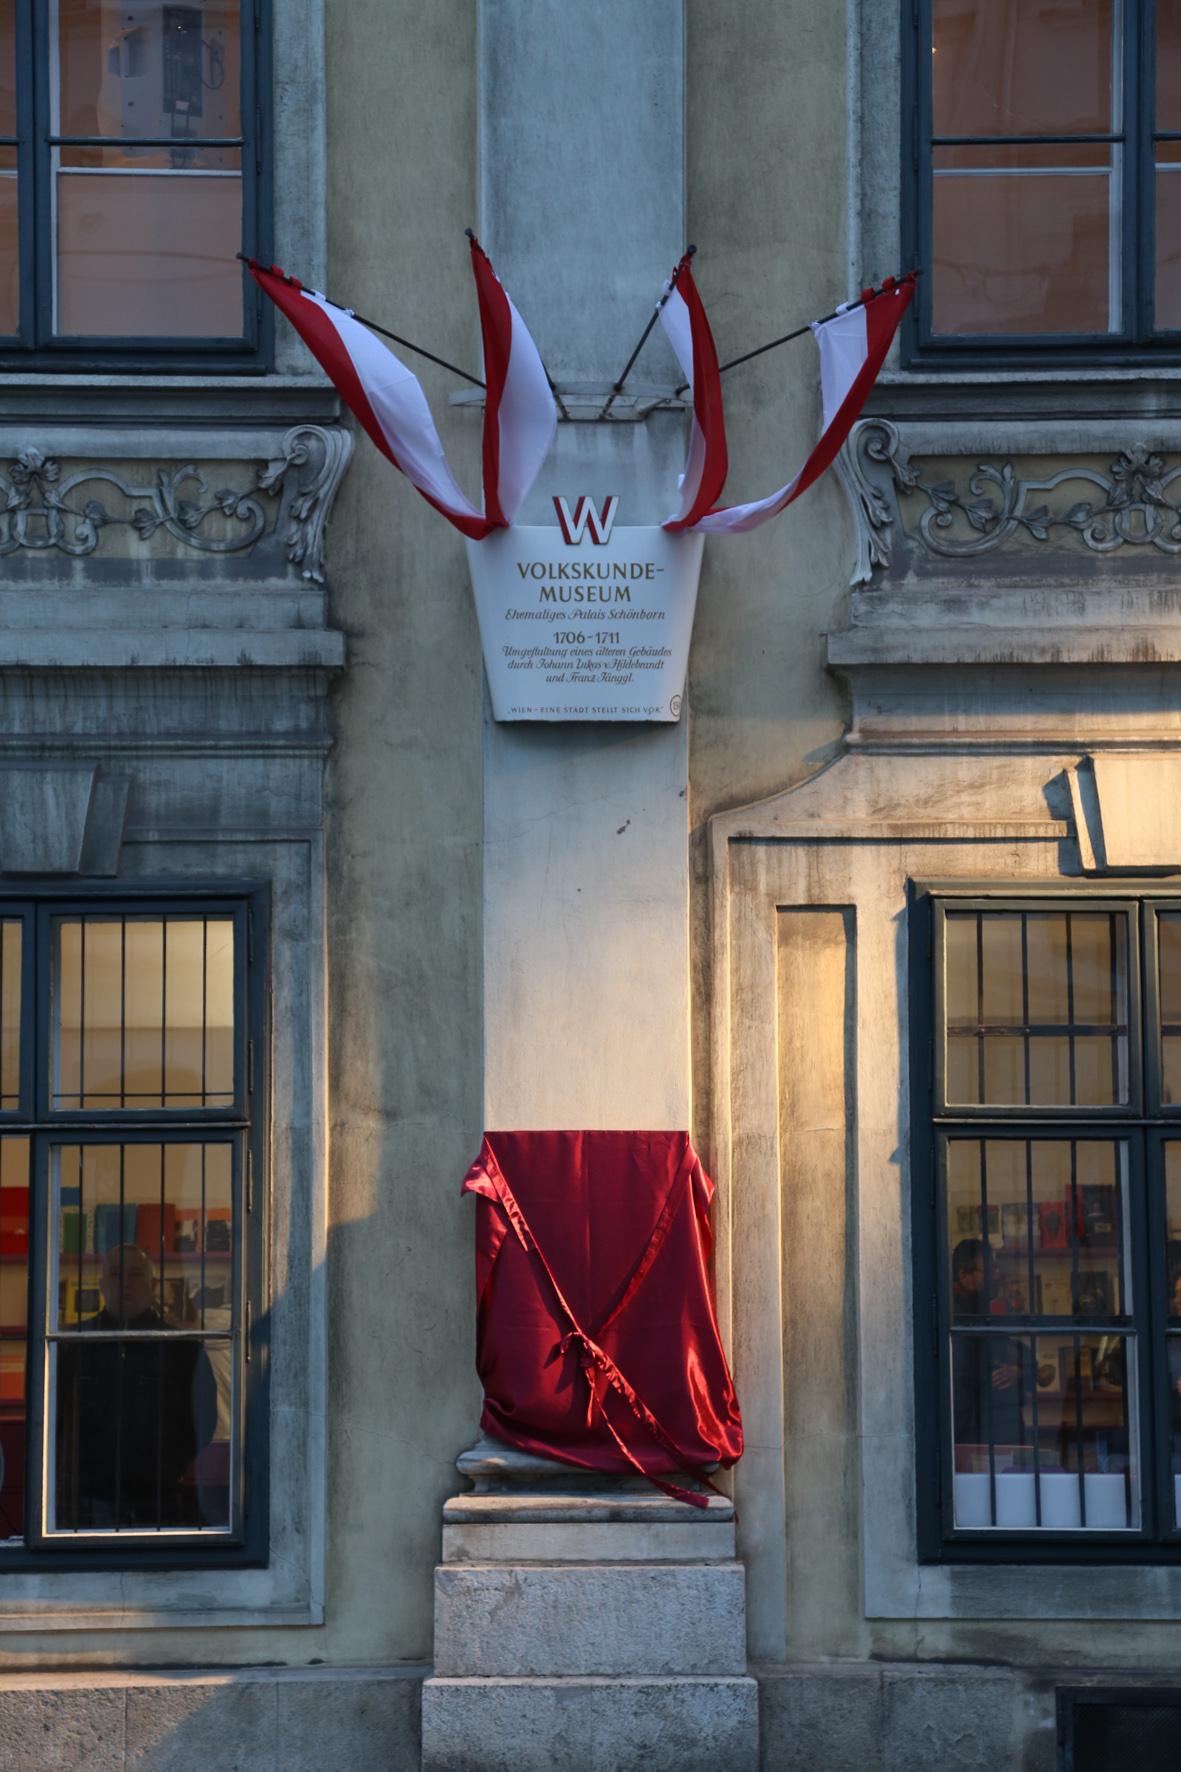 Foto zur feierlichen Enthüllung der Erinnerungstafel, die mit einem roten Tuch und Band verhüllt ist.